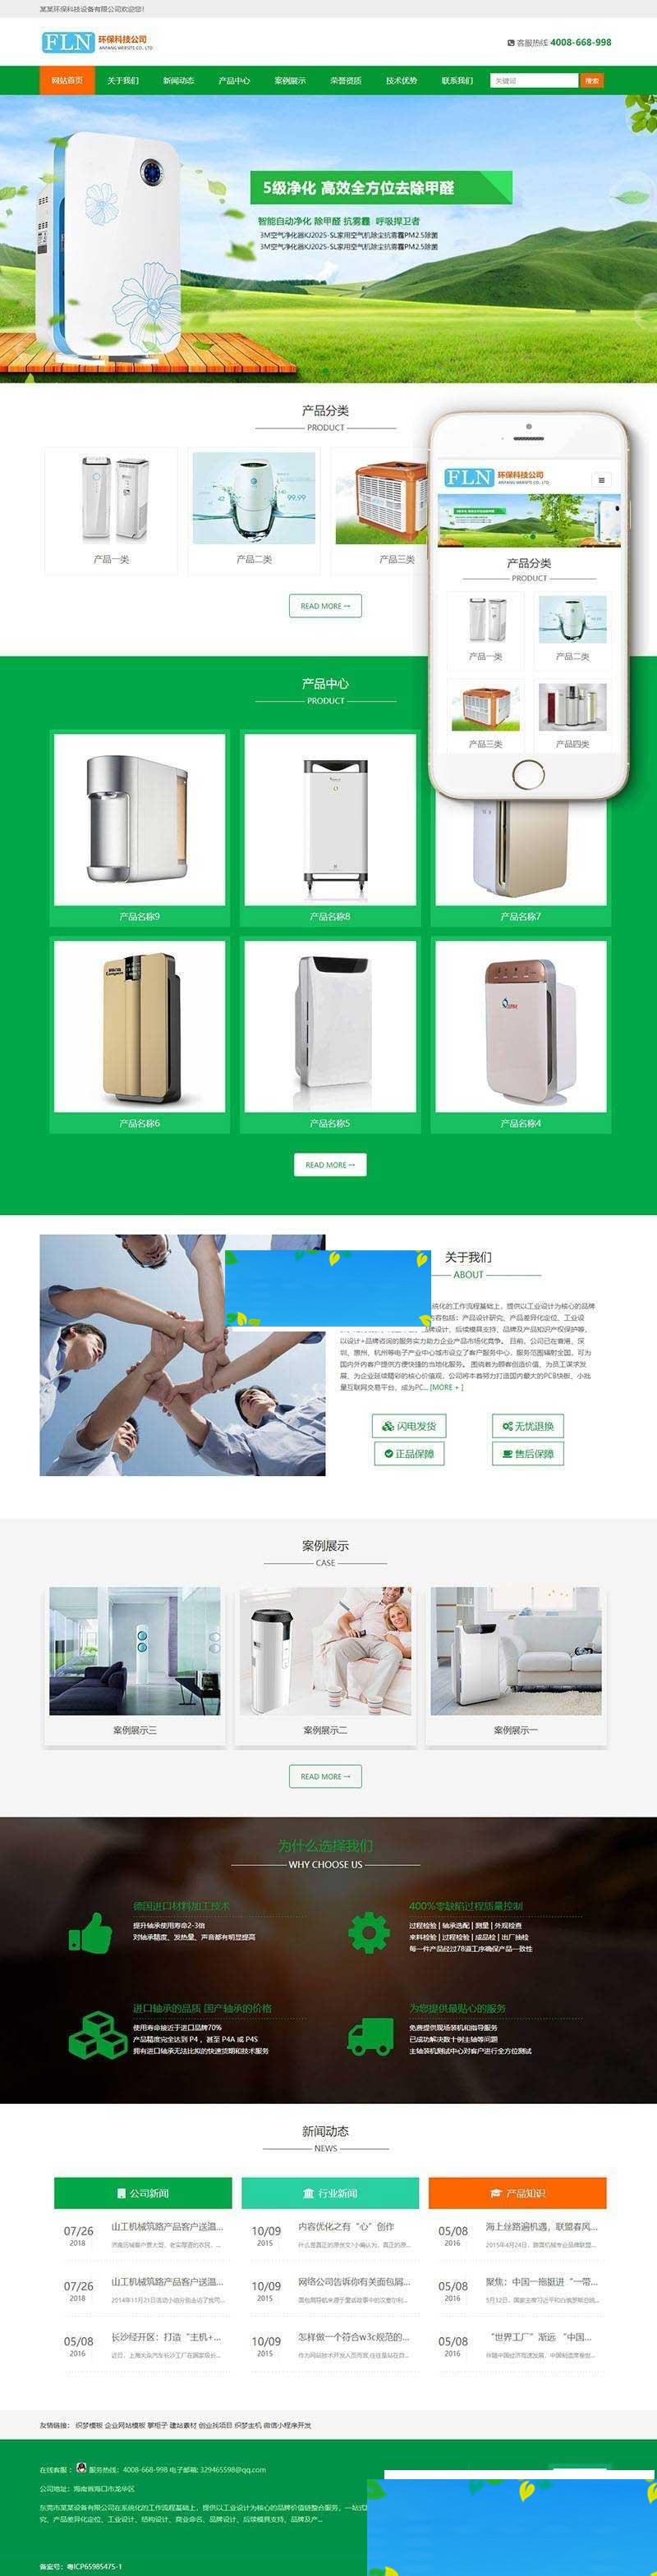 织梦dedecms响应式环保净水器空气净化设备公司网站模板(自适应手机移动端)